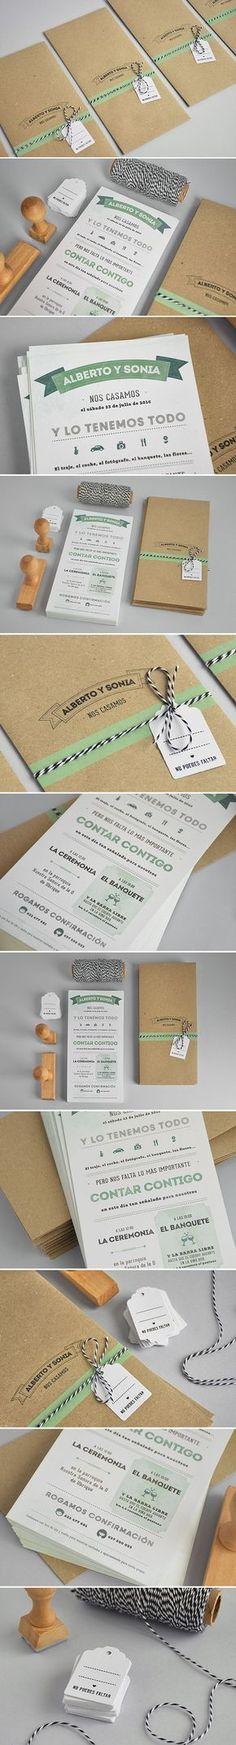 Diseño de invitaciones de boda con acabados hechos a mano.